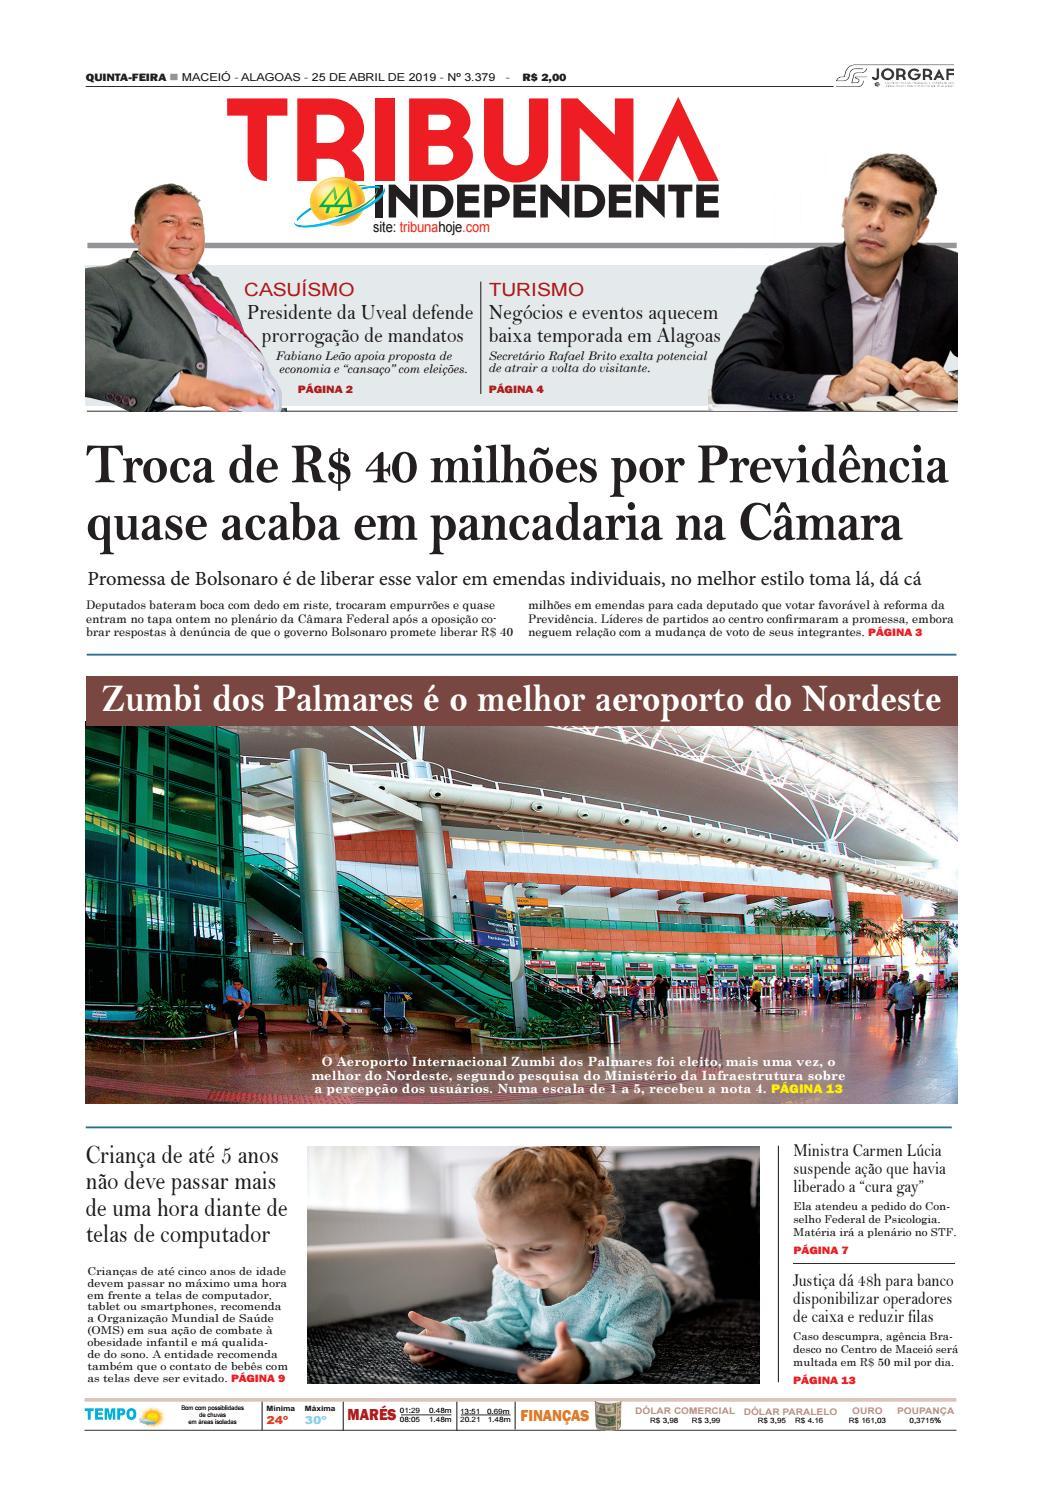 0806994d1 Edição número 3379 - 25 de abril de 2019 by Tribuna Hoje - issuu